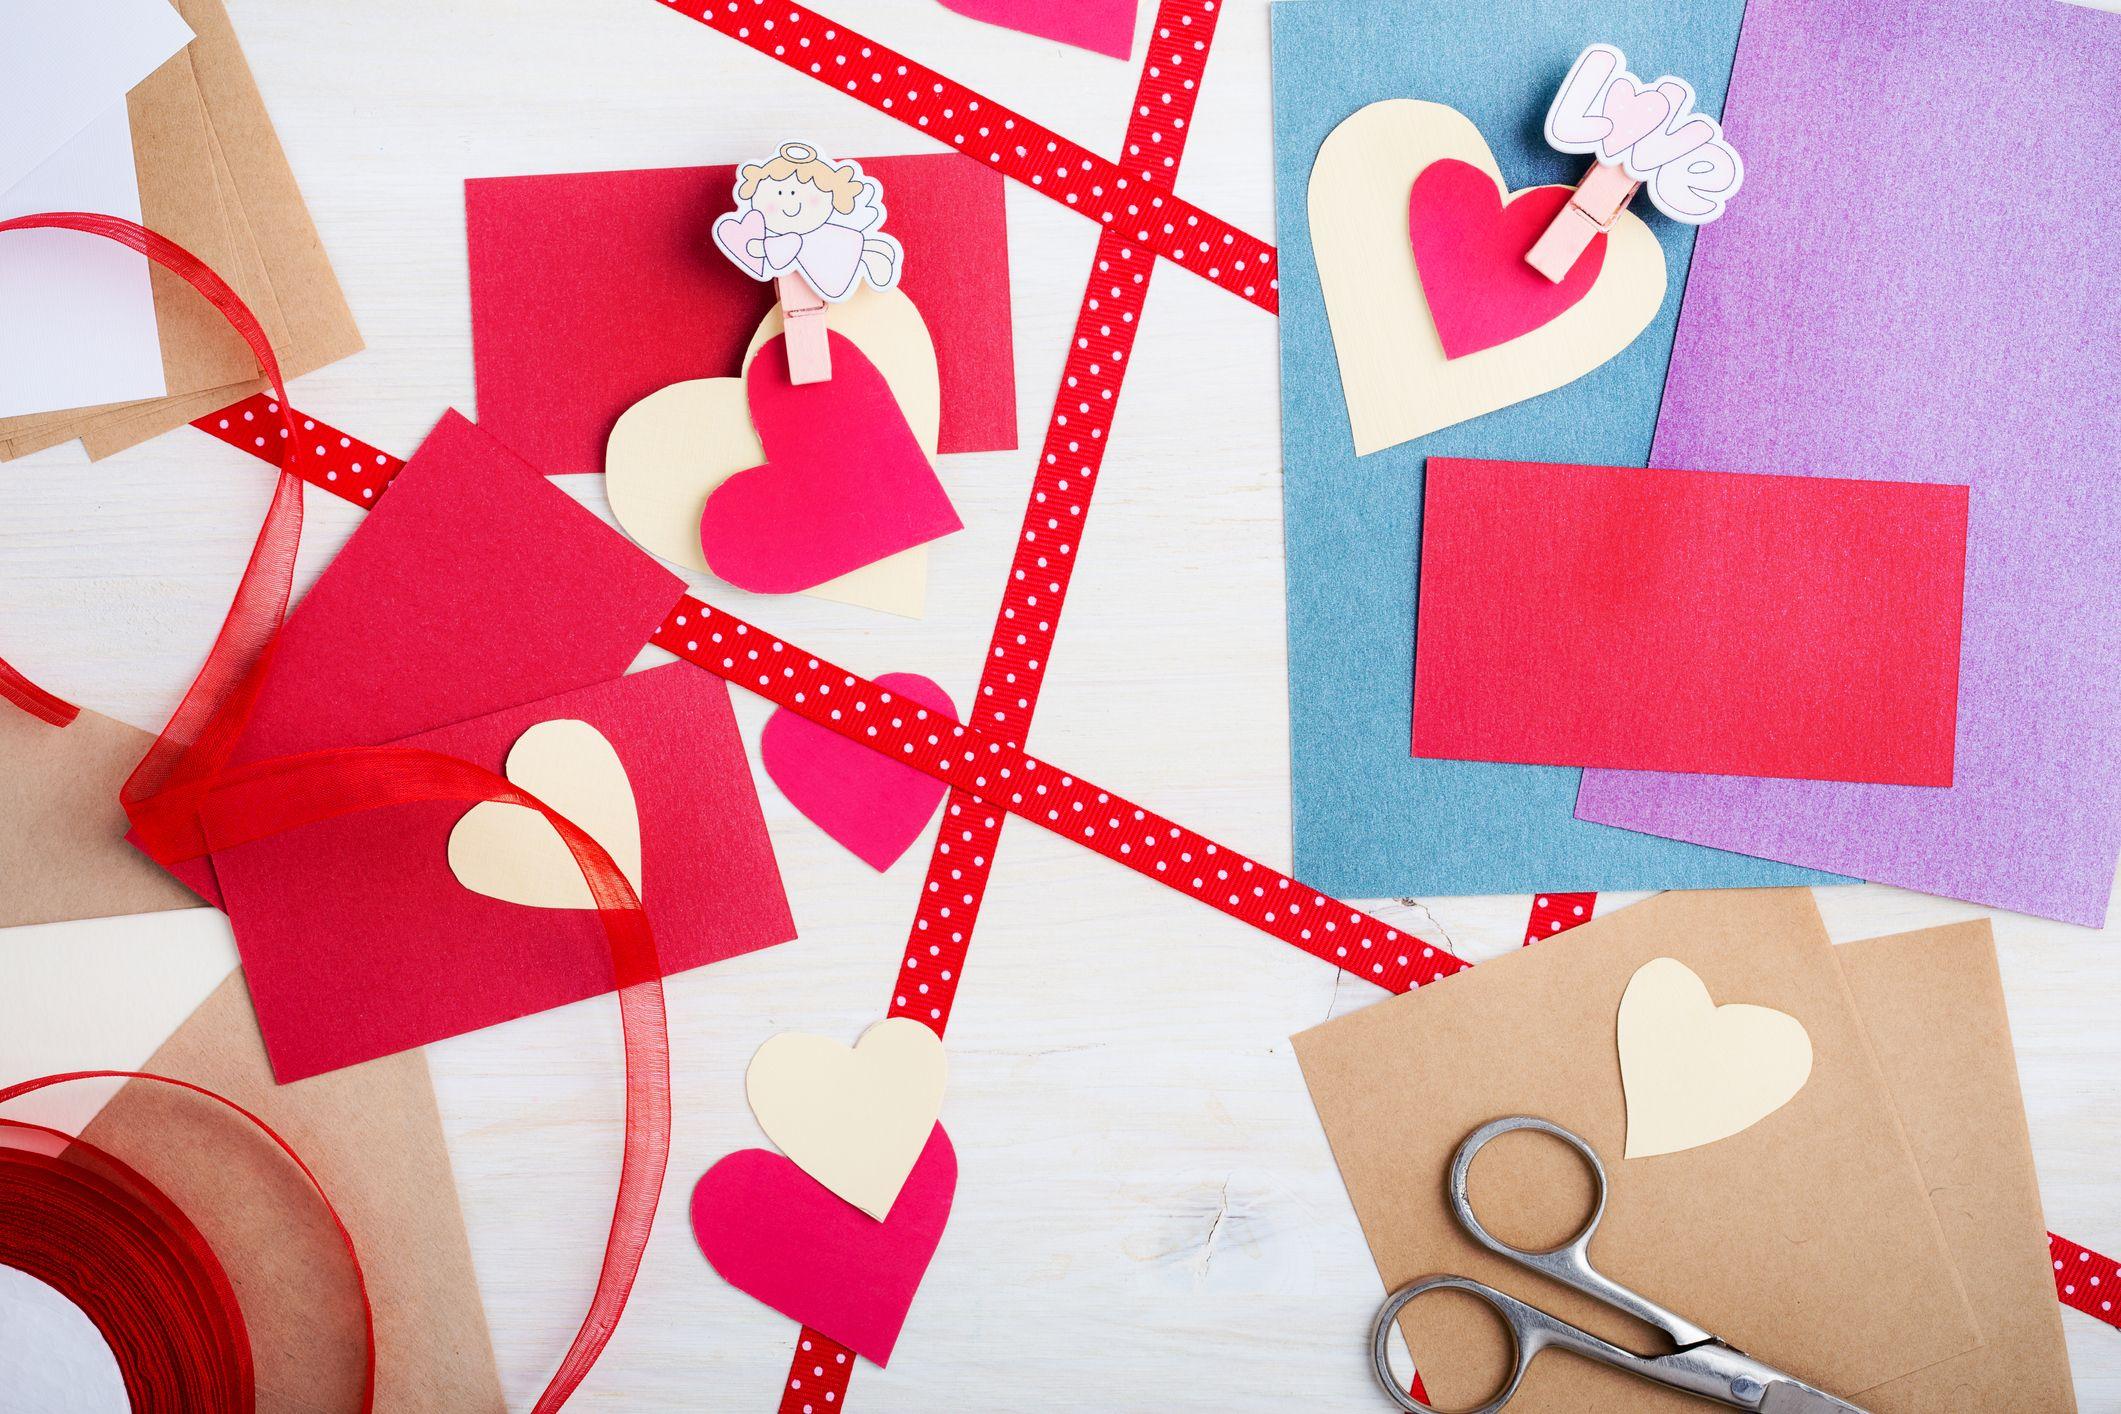 изработване на картичка за деня на влюбените, изглед отгоре